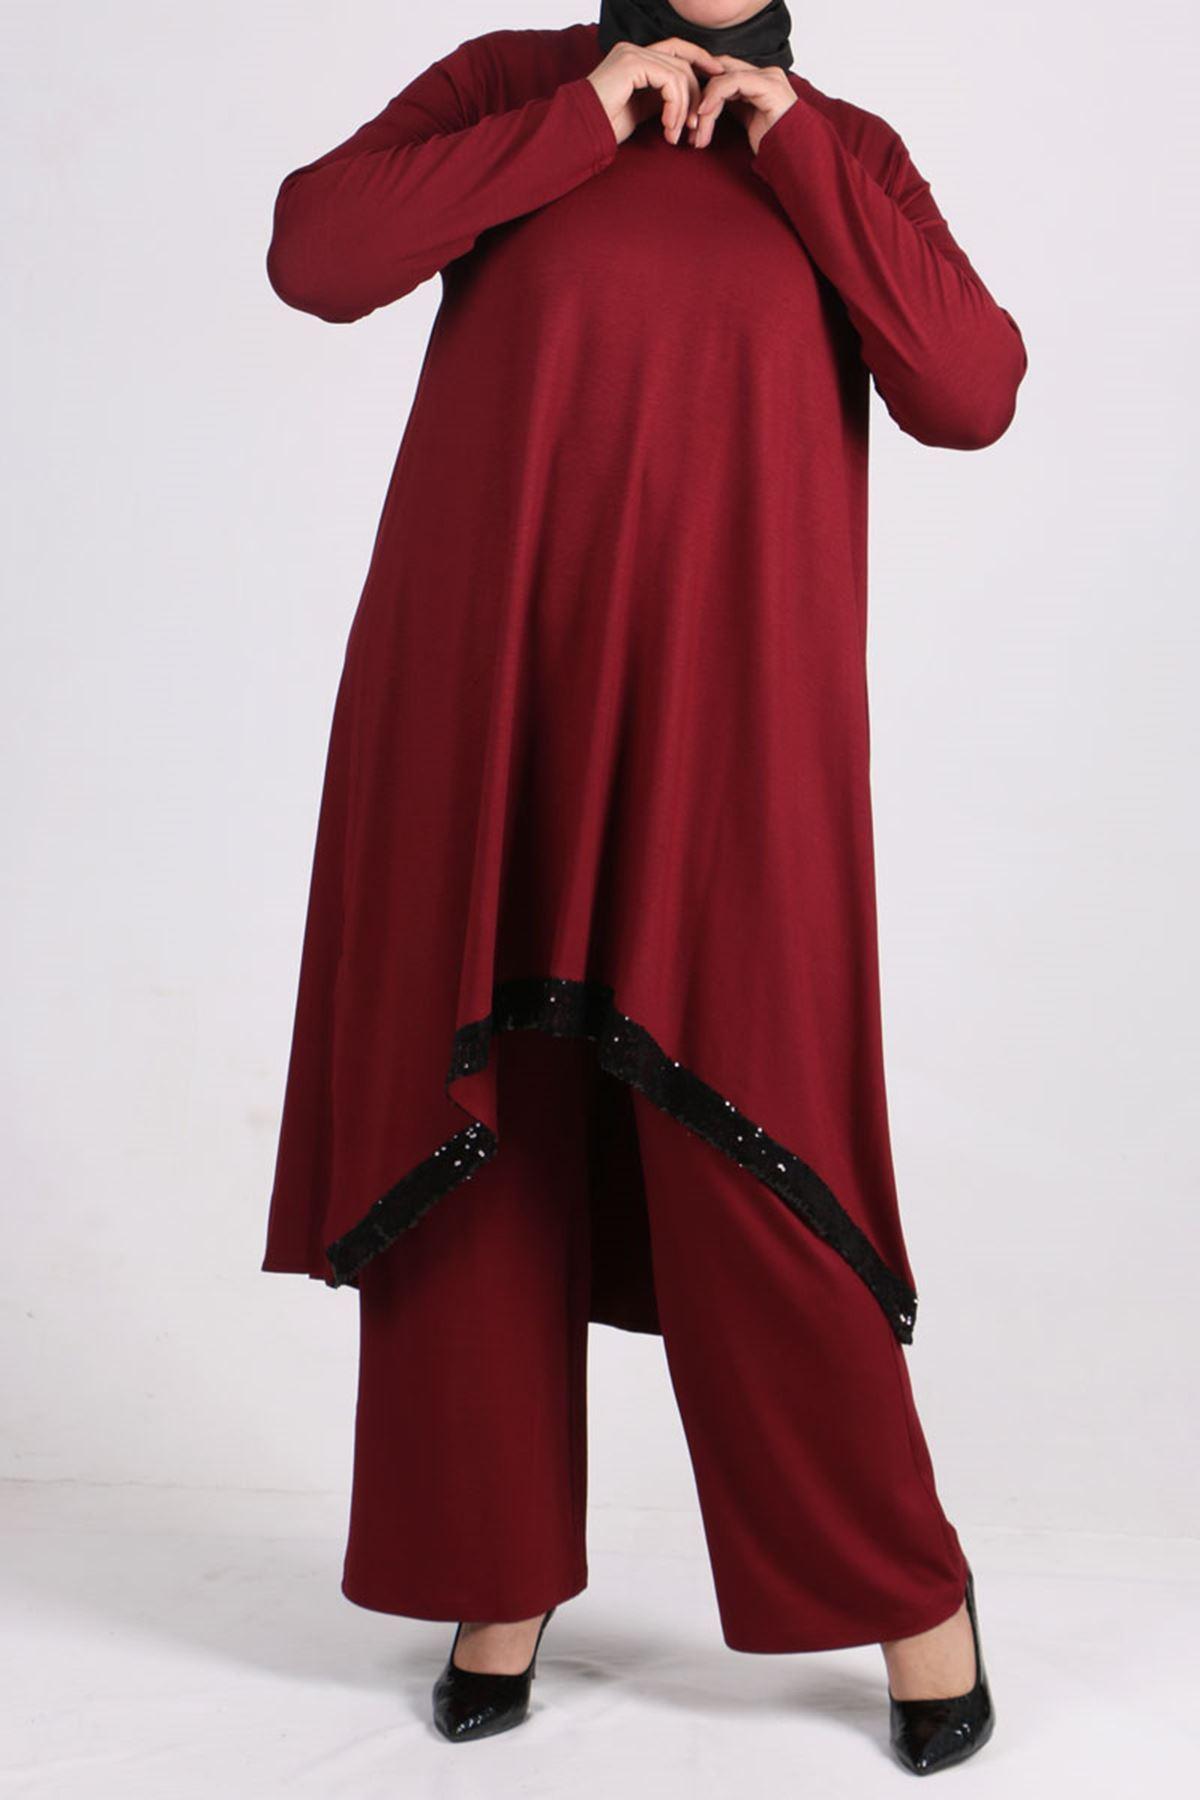 7598 Büyük Beden Pul Payetli Penye Pantolonlu Takım-Bordo